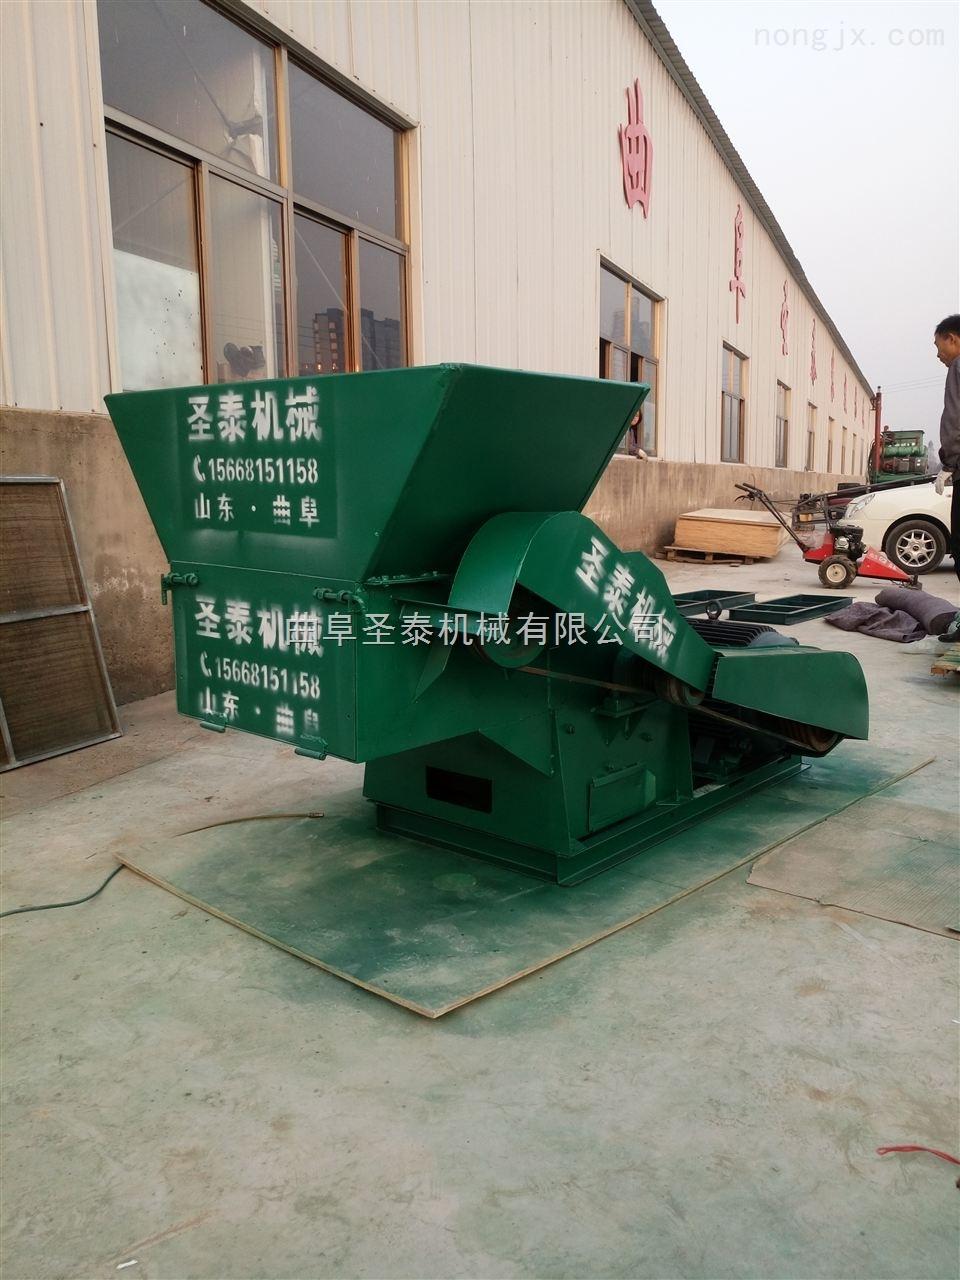 9FQ50-30-玉米秸秆粉碎机多少钱 大型秸秆粉碎机厂家